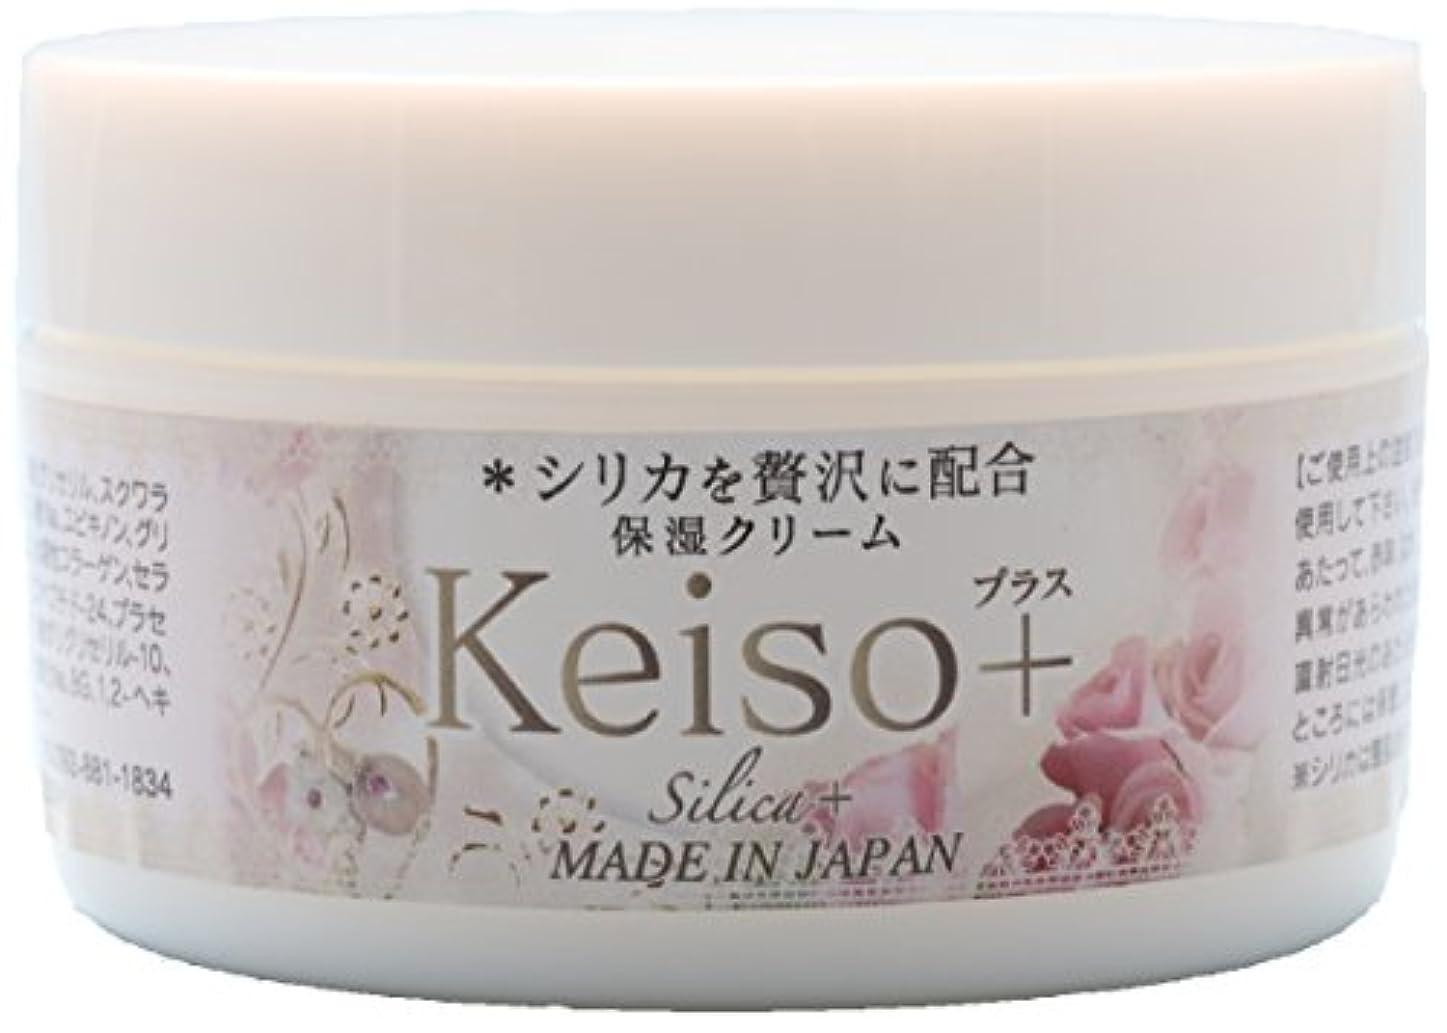 すり泣いている器用Keiso+ 高濃度シリカ(ケイ素) 保湿クリーム 100g Silica Cream